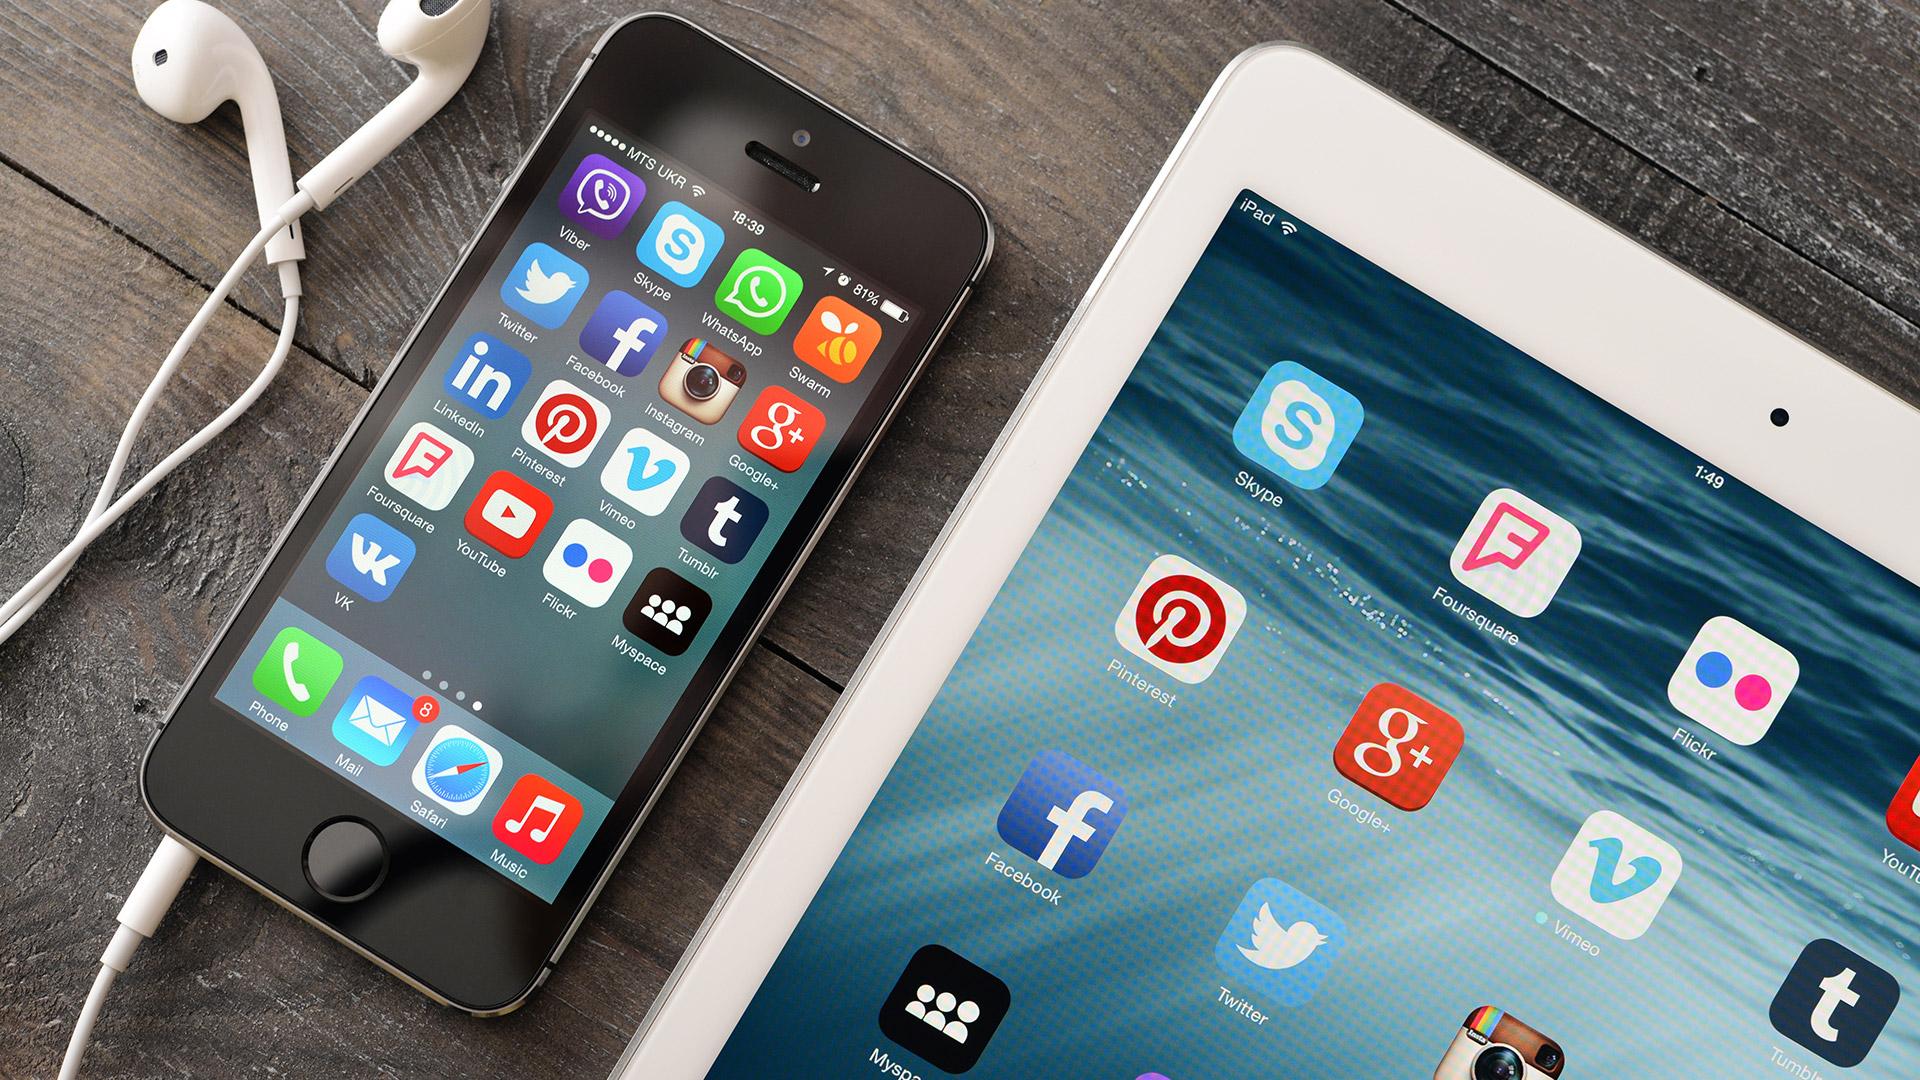 DIGITAL MARKETING - Social Media, Online Advertising & SEO